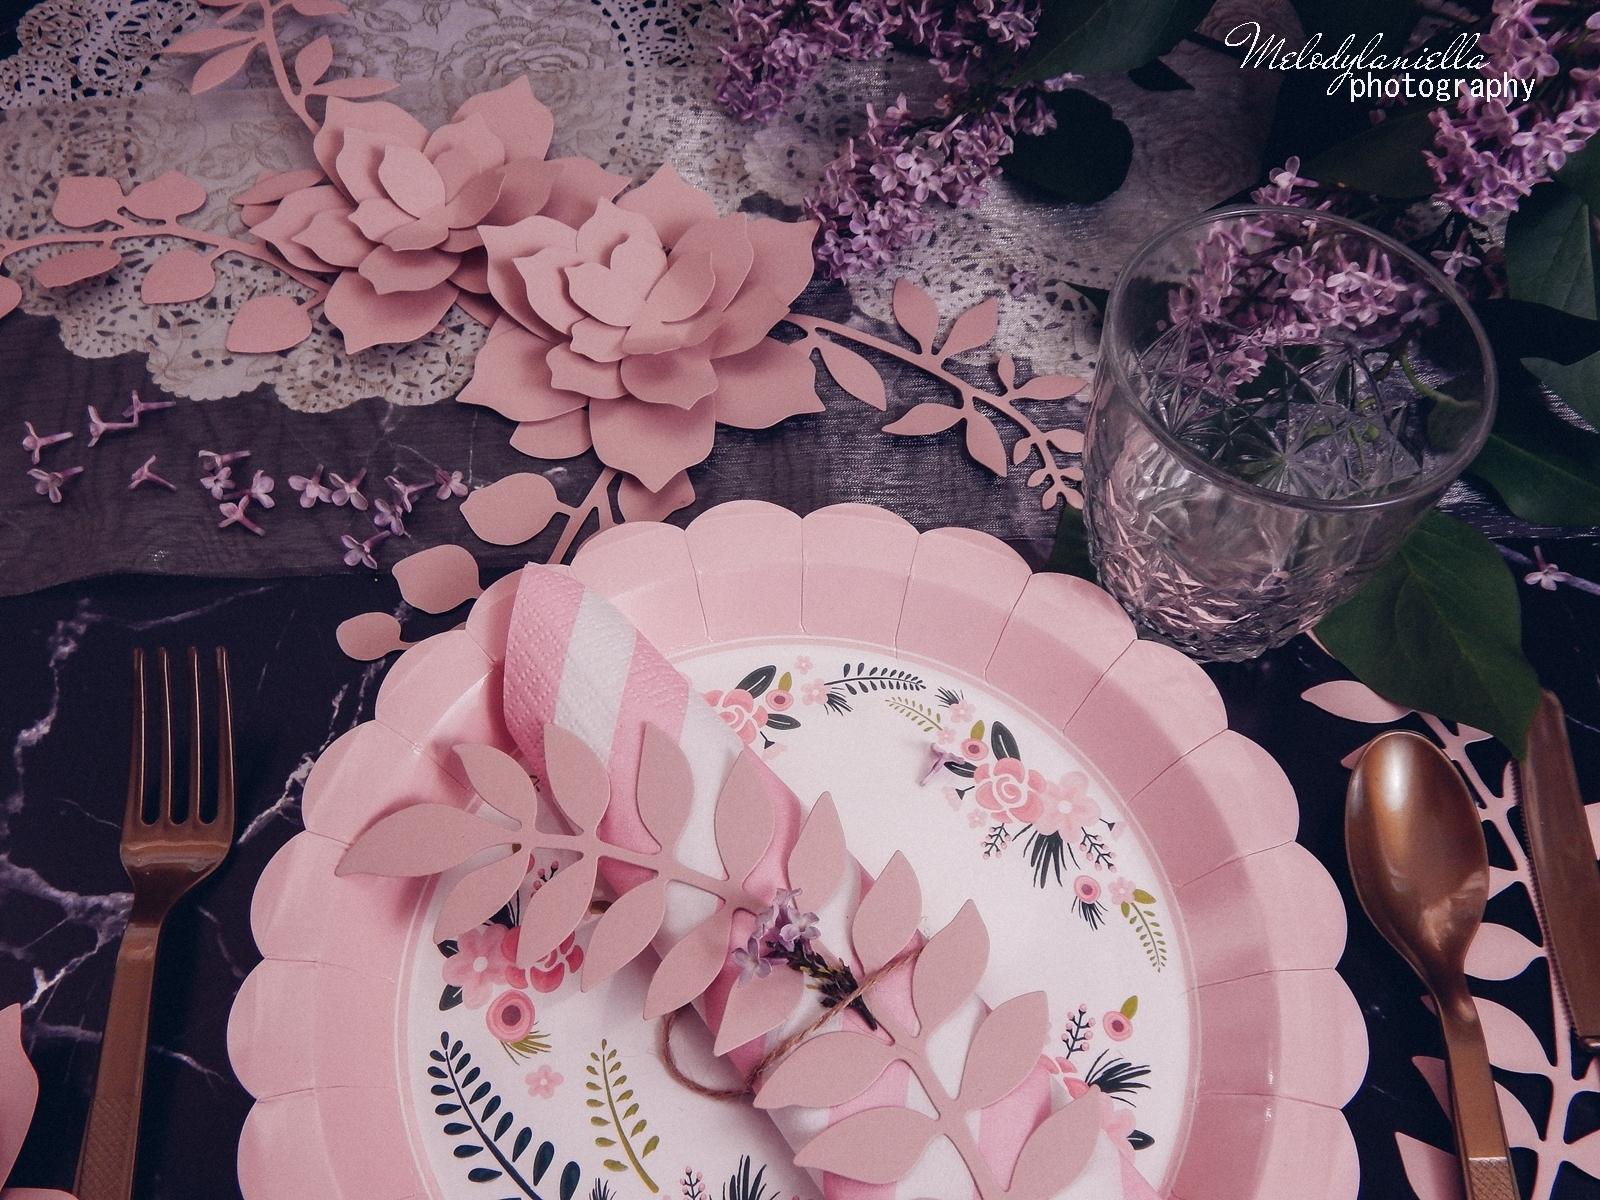 16 partybox.pl imprezu urodziny stroje dodatki na imprezę dekoracje nakrycia akcesoria imprezowe jak udekorować stół na dzień mamy pomysły na dzień matki urodzinowy prezent